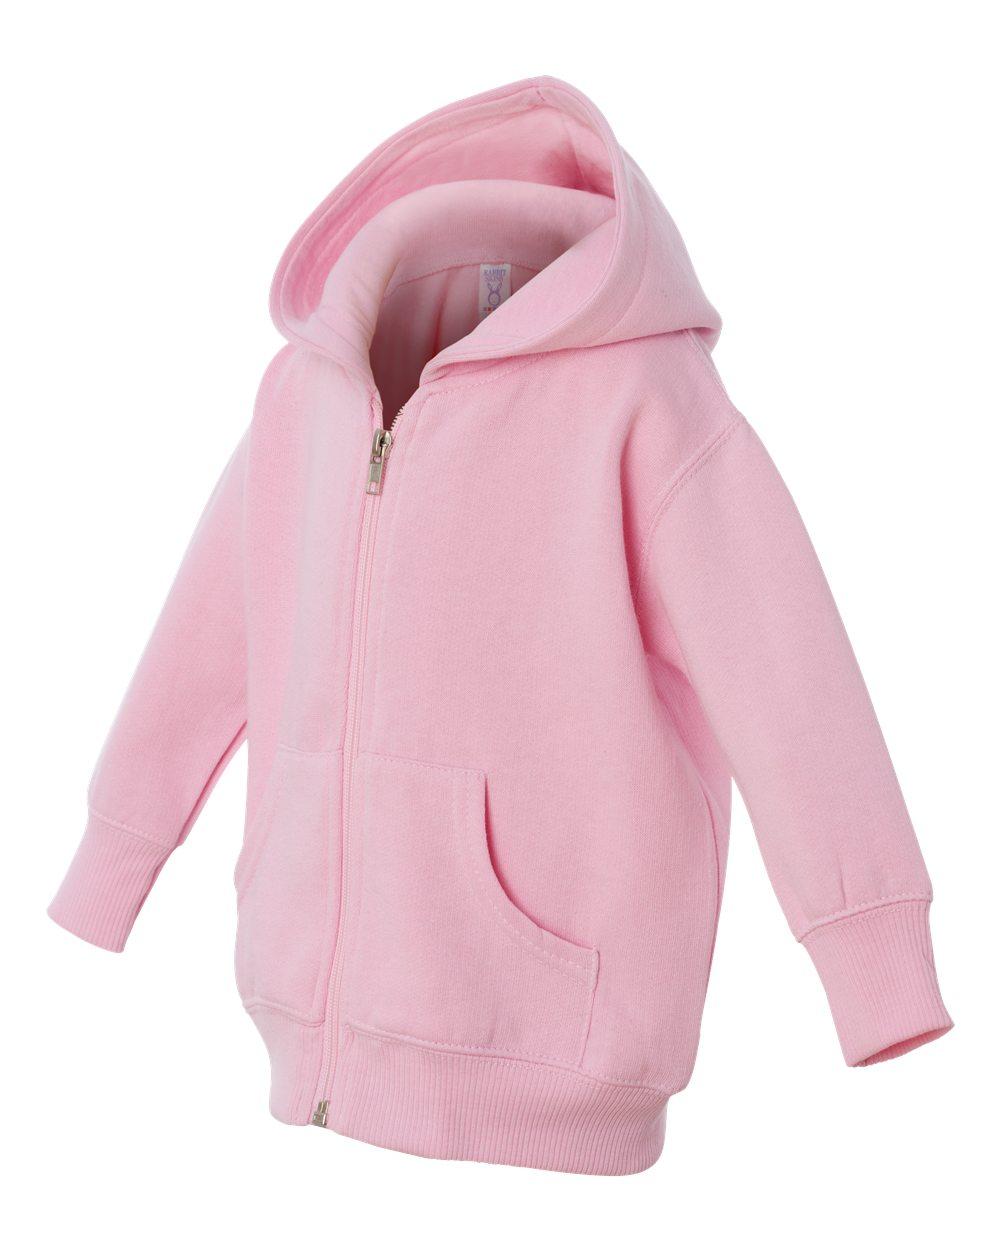 e5d8e609 Rabbit Skins 3446 - Infant Hooded Full-Zip Sweatshirt $10.52 ...